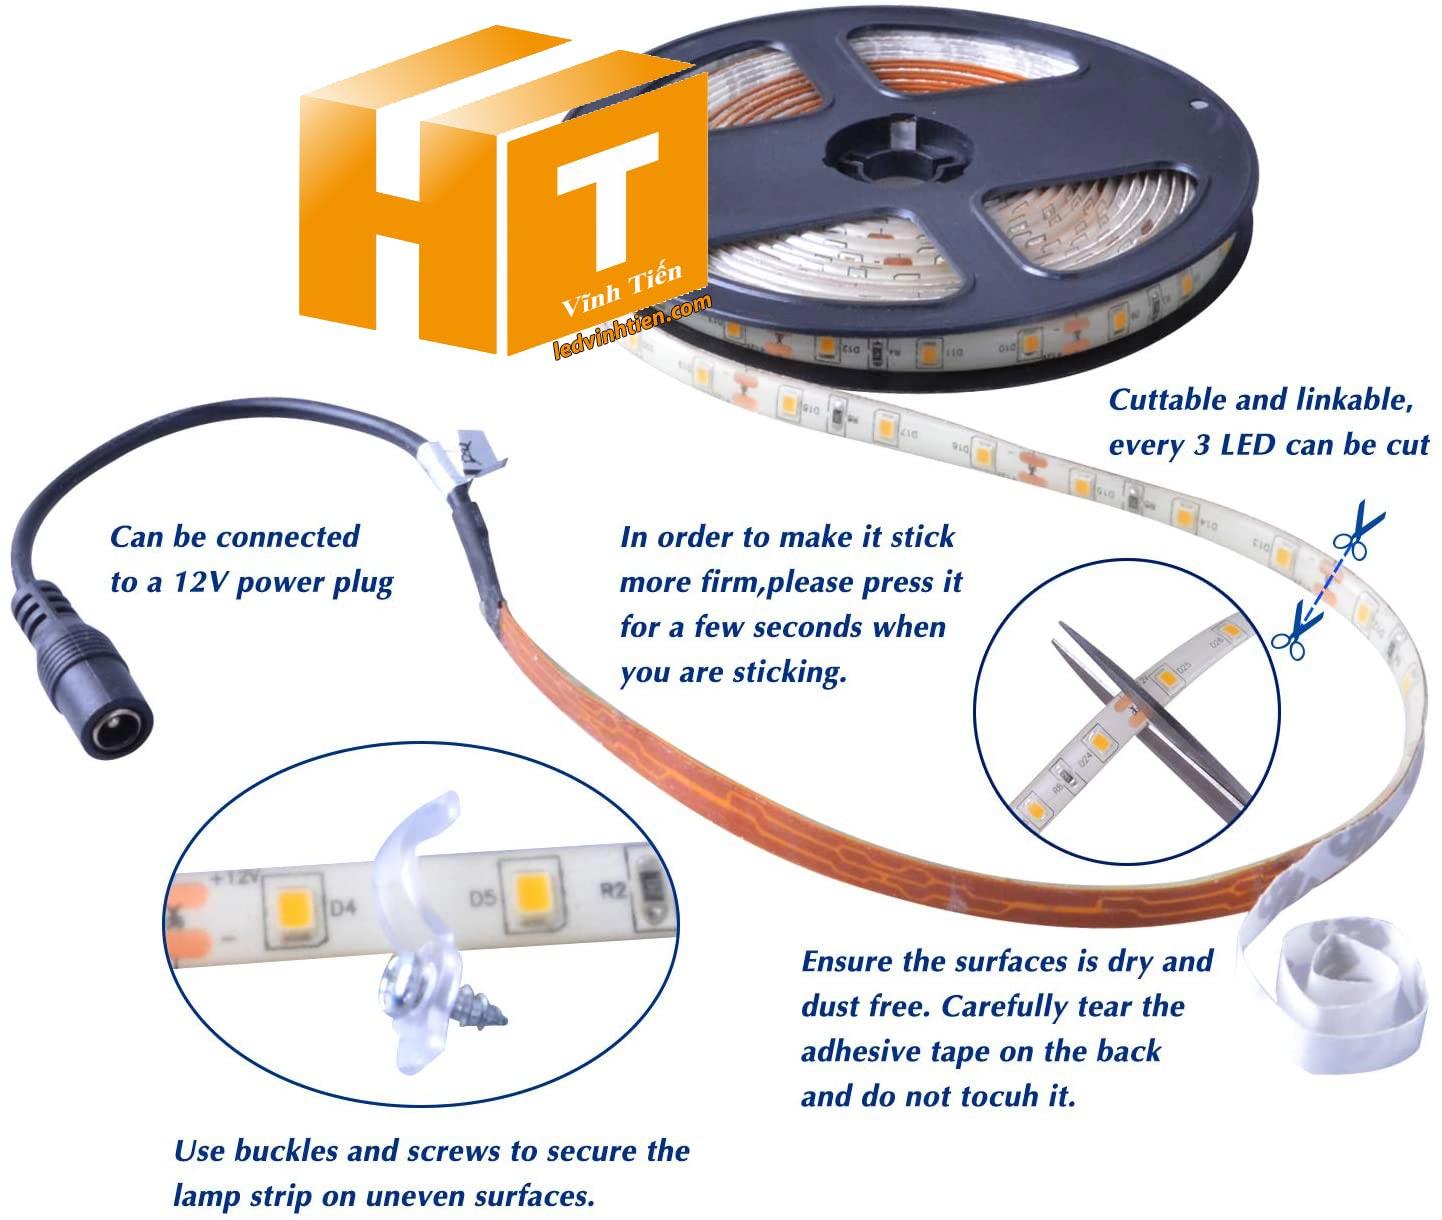 Hướng dẫn cách cài đặt, lắp ráp, đấu nối, cắt dây led cuộn 5m chip led 5054 sao cho an toàn, thẩm mỹ nhưng không bị hư những dãi led còn lại